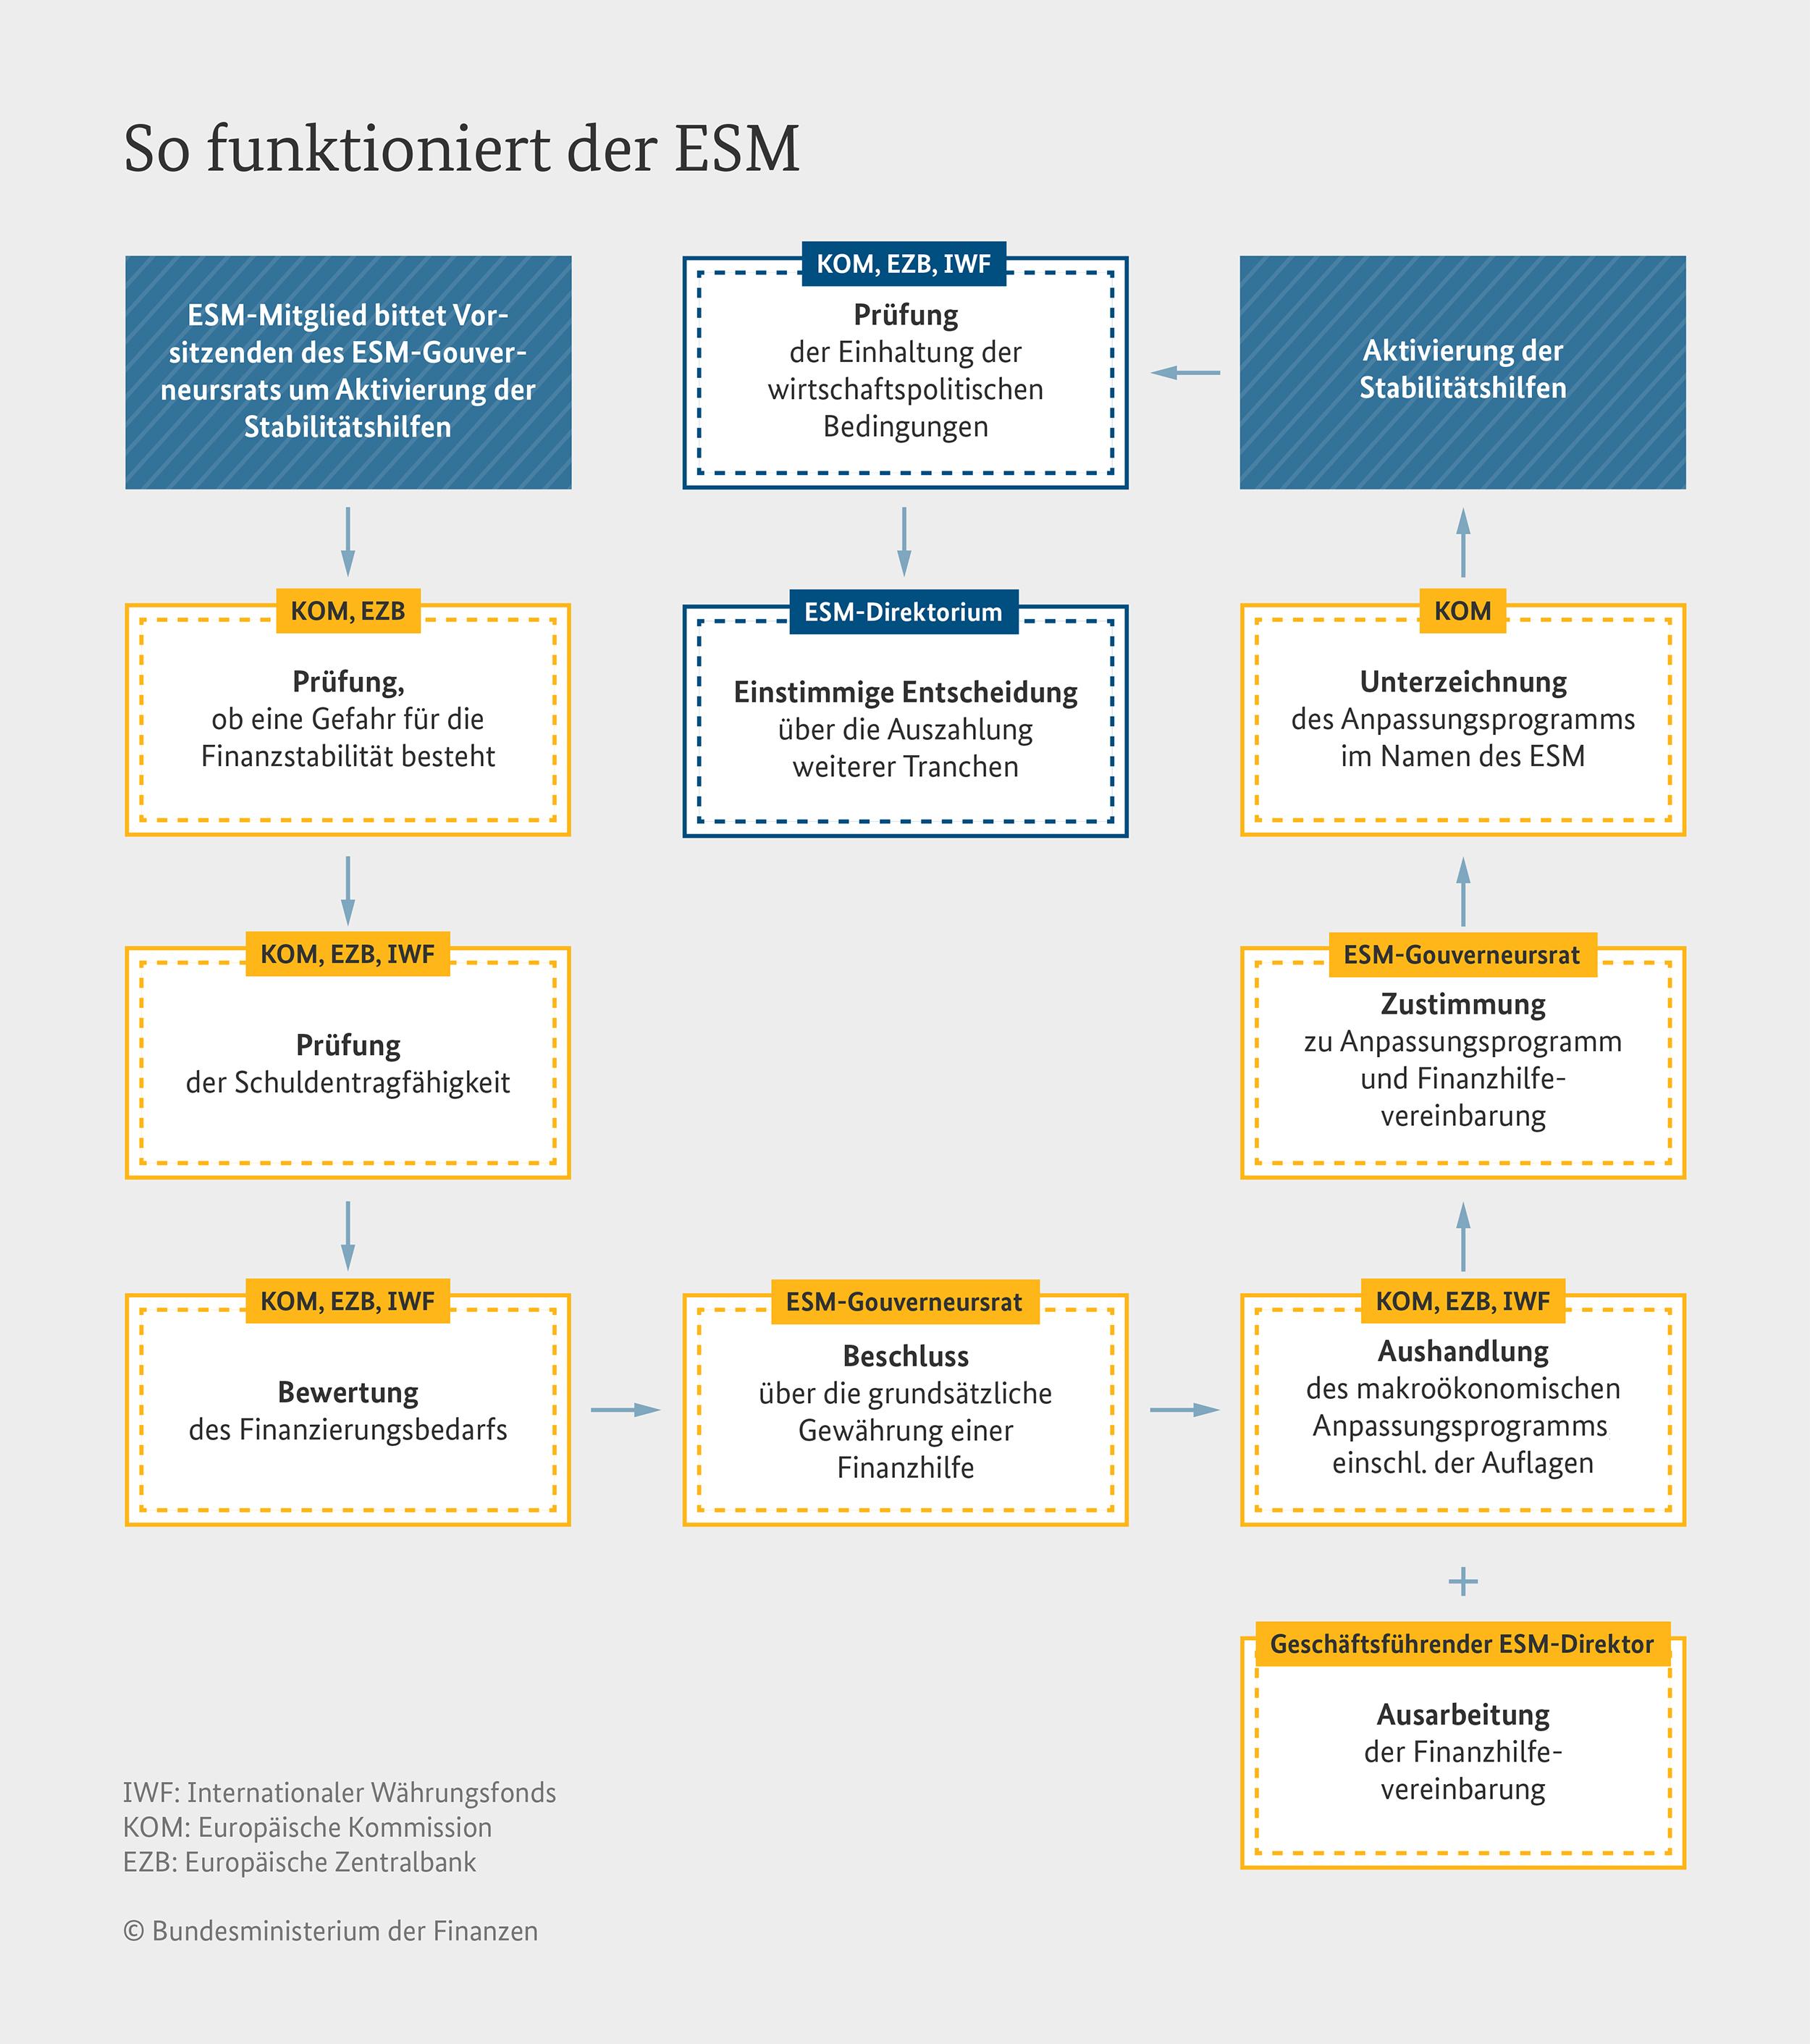 Schematische Darstellung vom Antrag bis zur Auszahlung beim Europäischen Rettungsschirm ESM